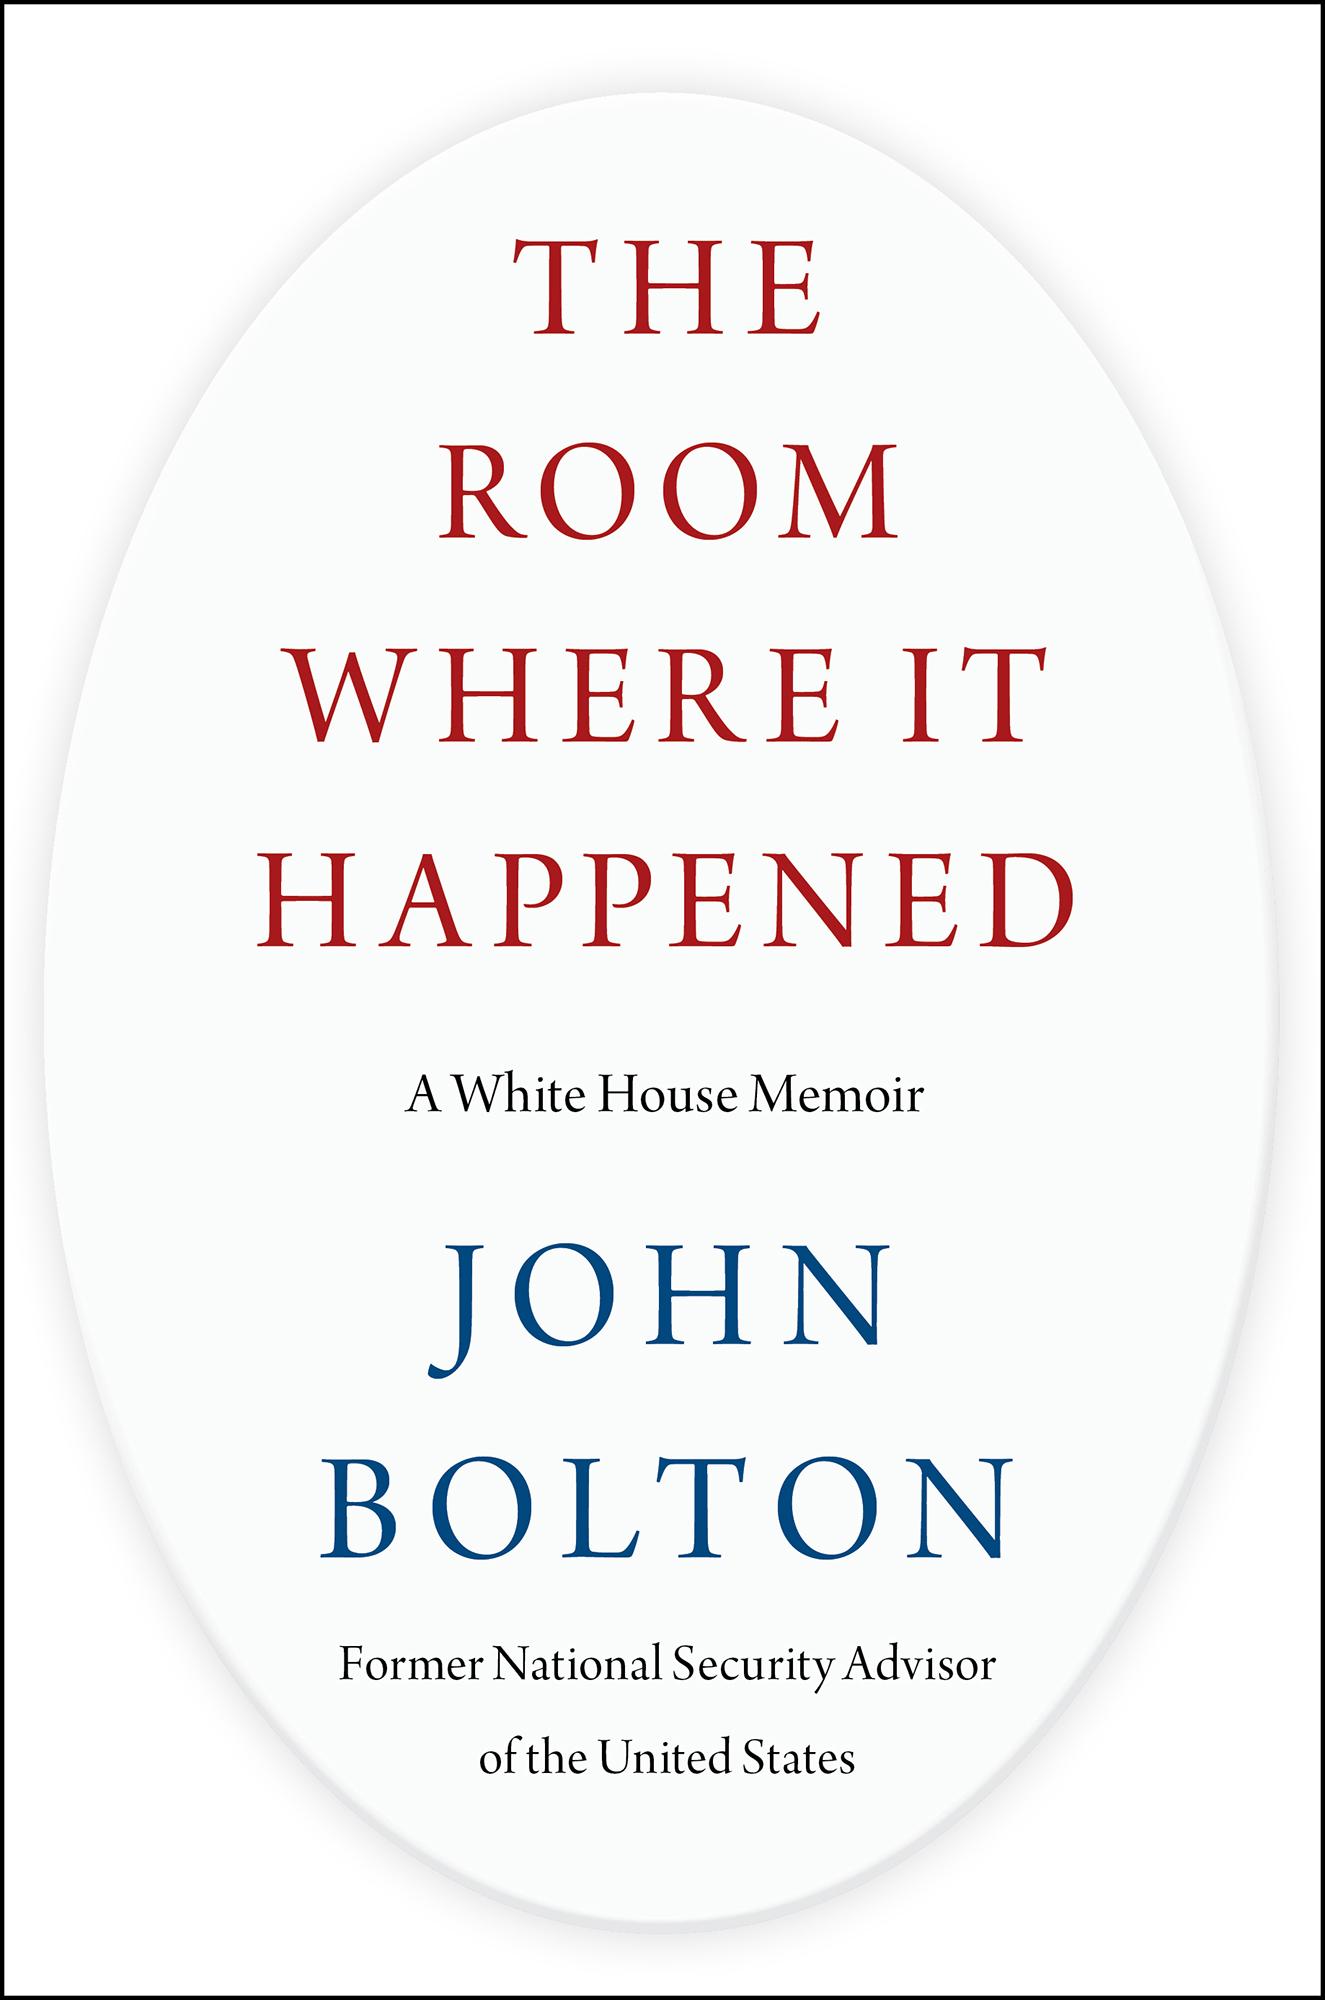 事件发生的房间:白宫回忆录(又名:事发现场、事发之室)